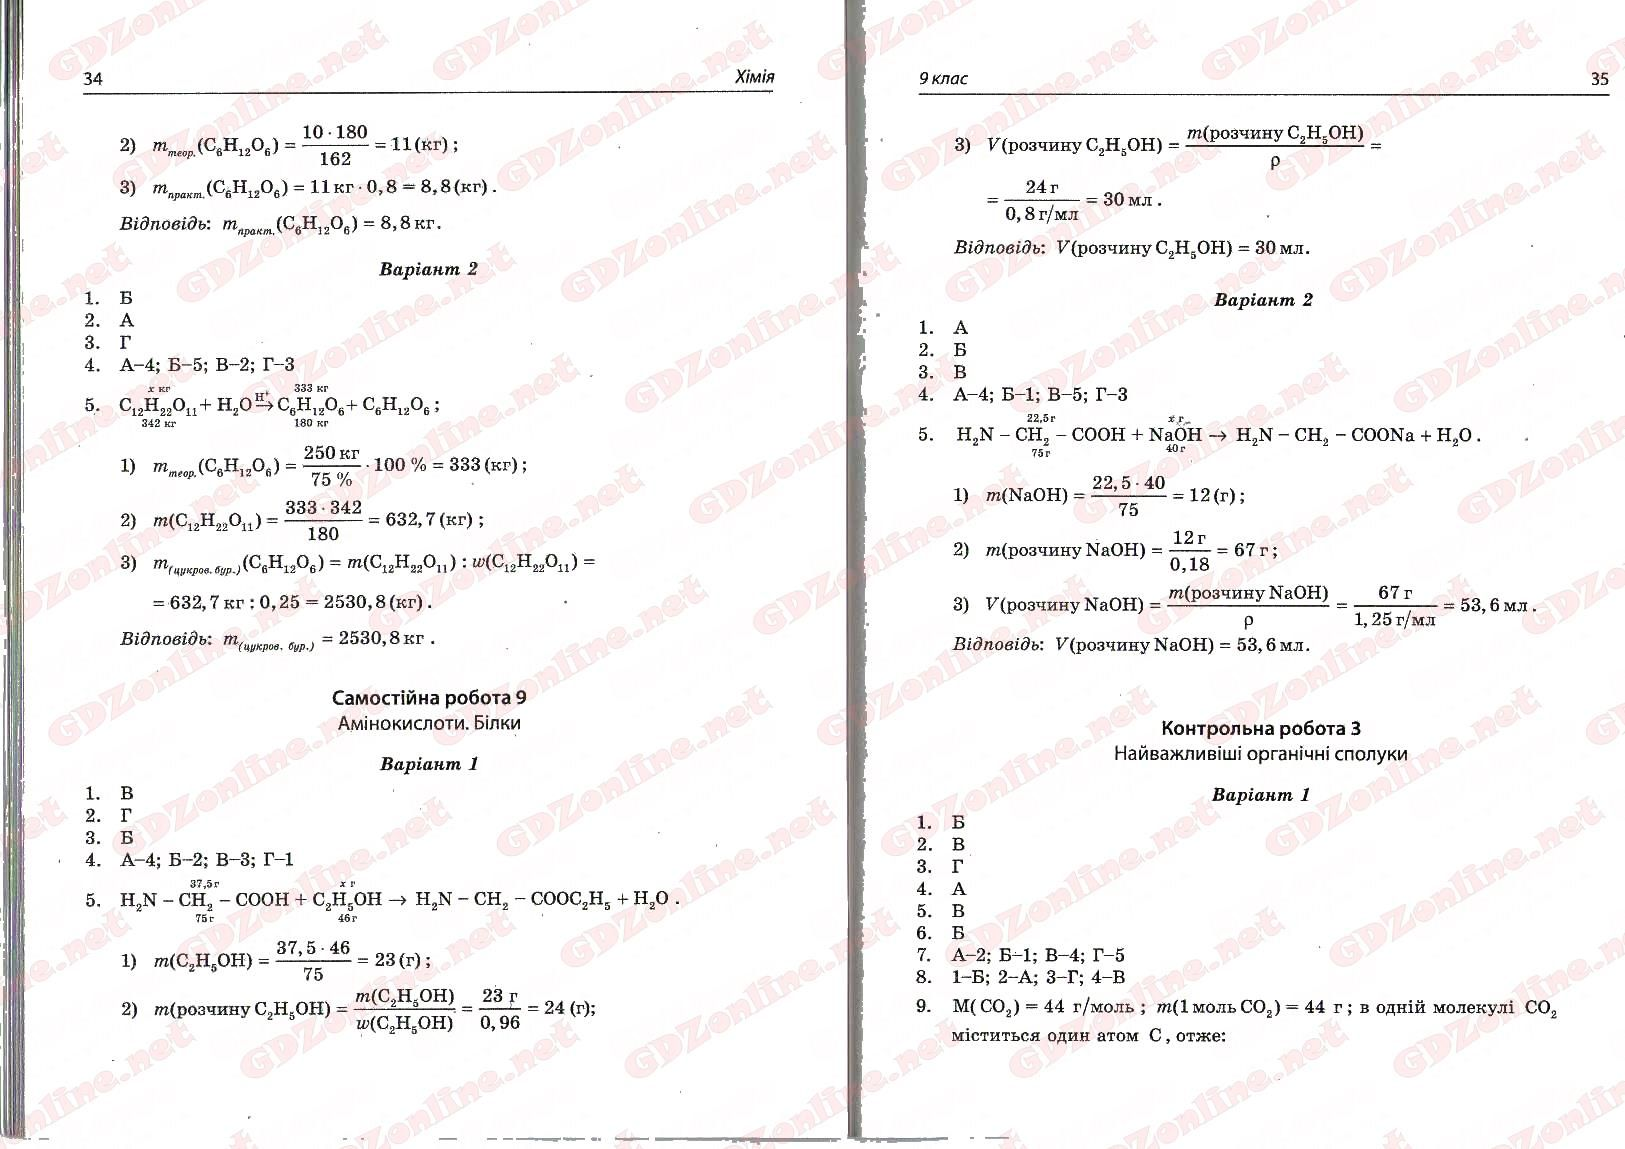 Гдз математика 5 класс рабочая тетрадь издательство мнемозина автор в.н.рудницкая